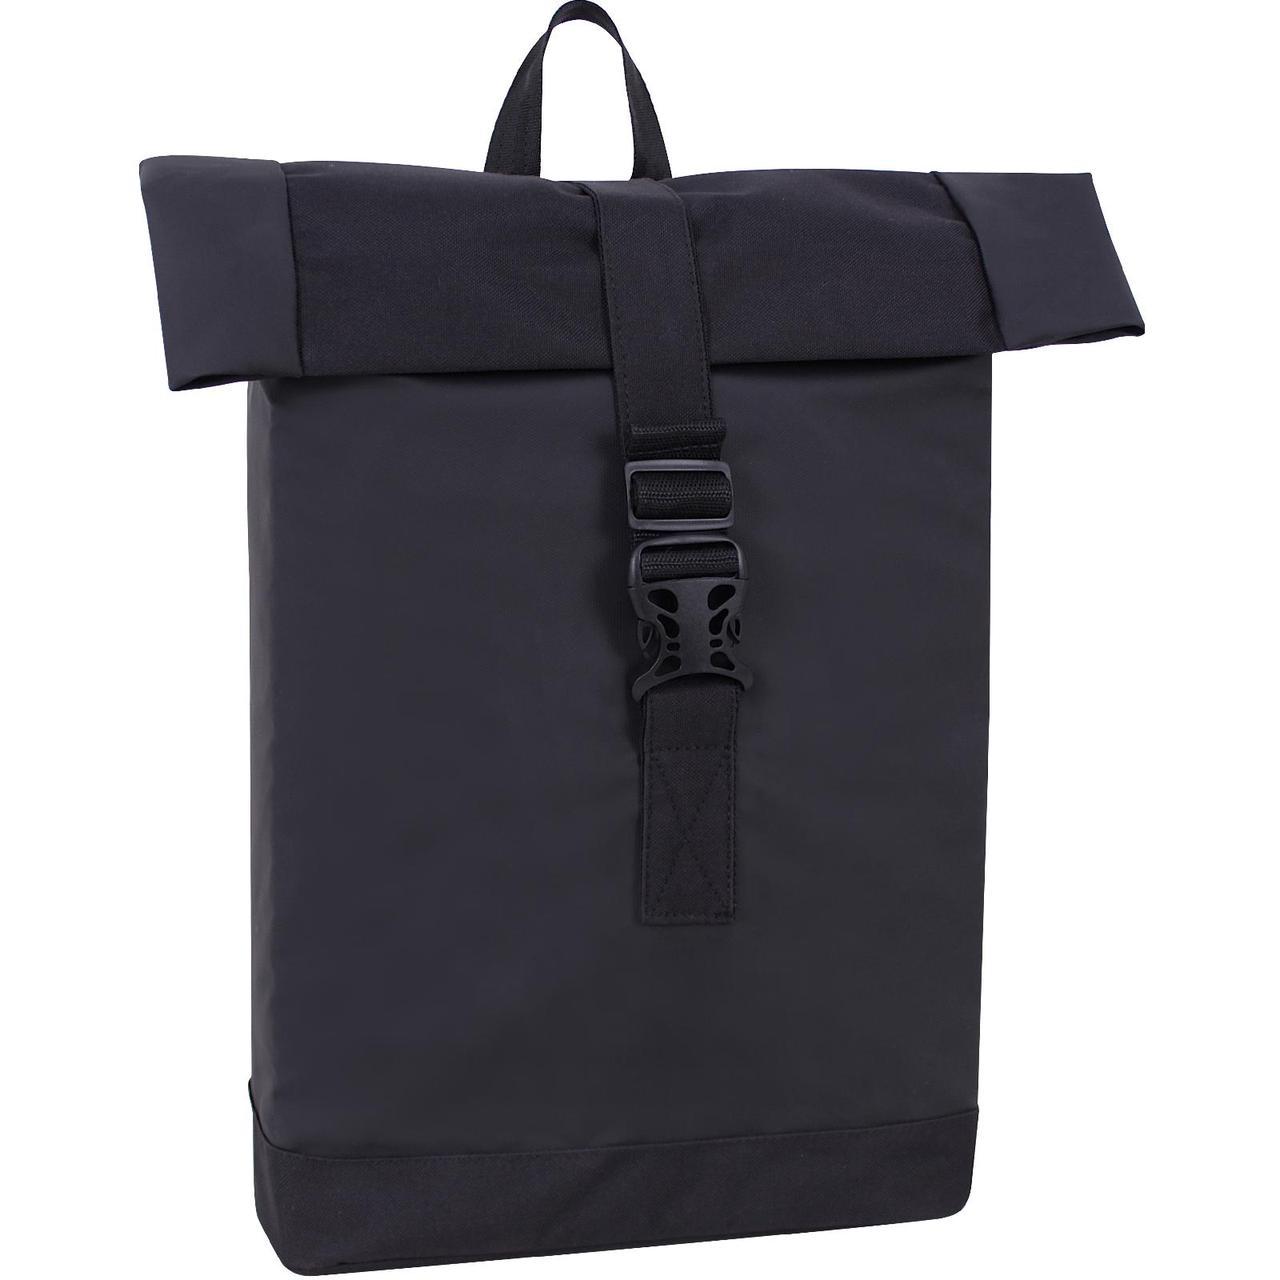 Рюкзак Bagland Florence 23 л. черный/кожзам (0057191)